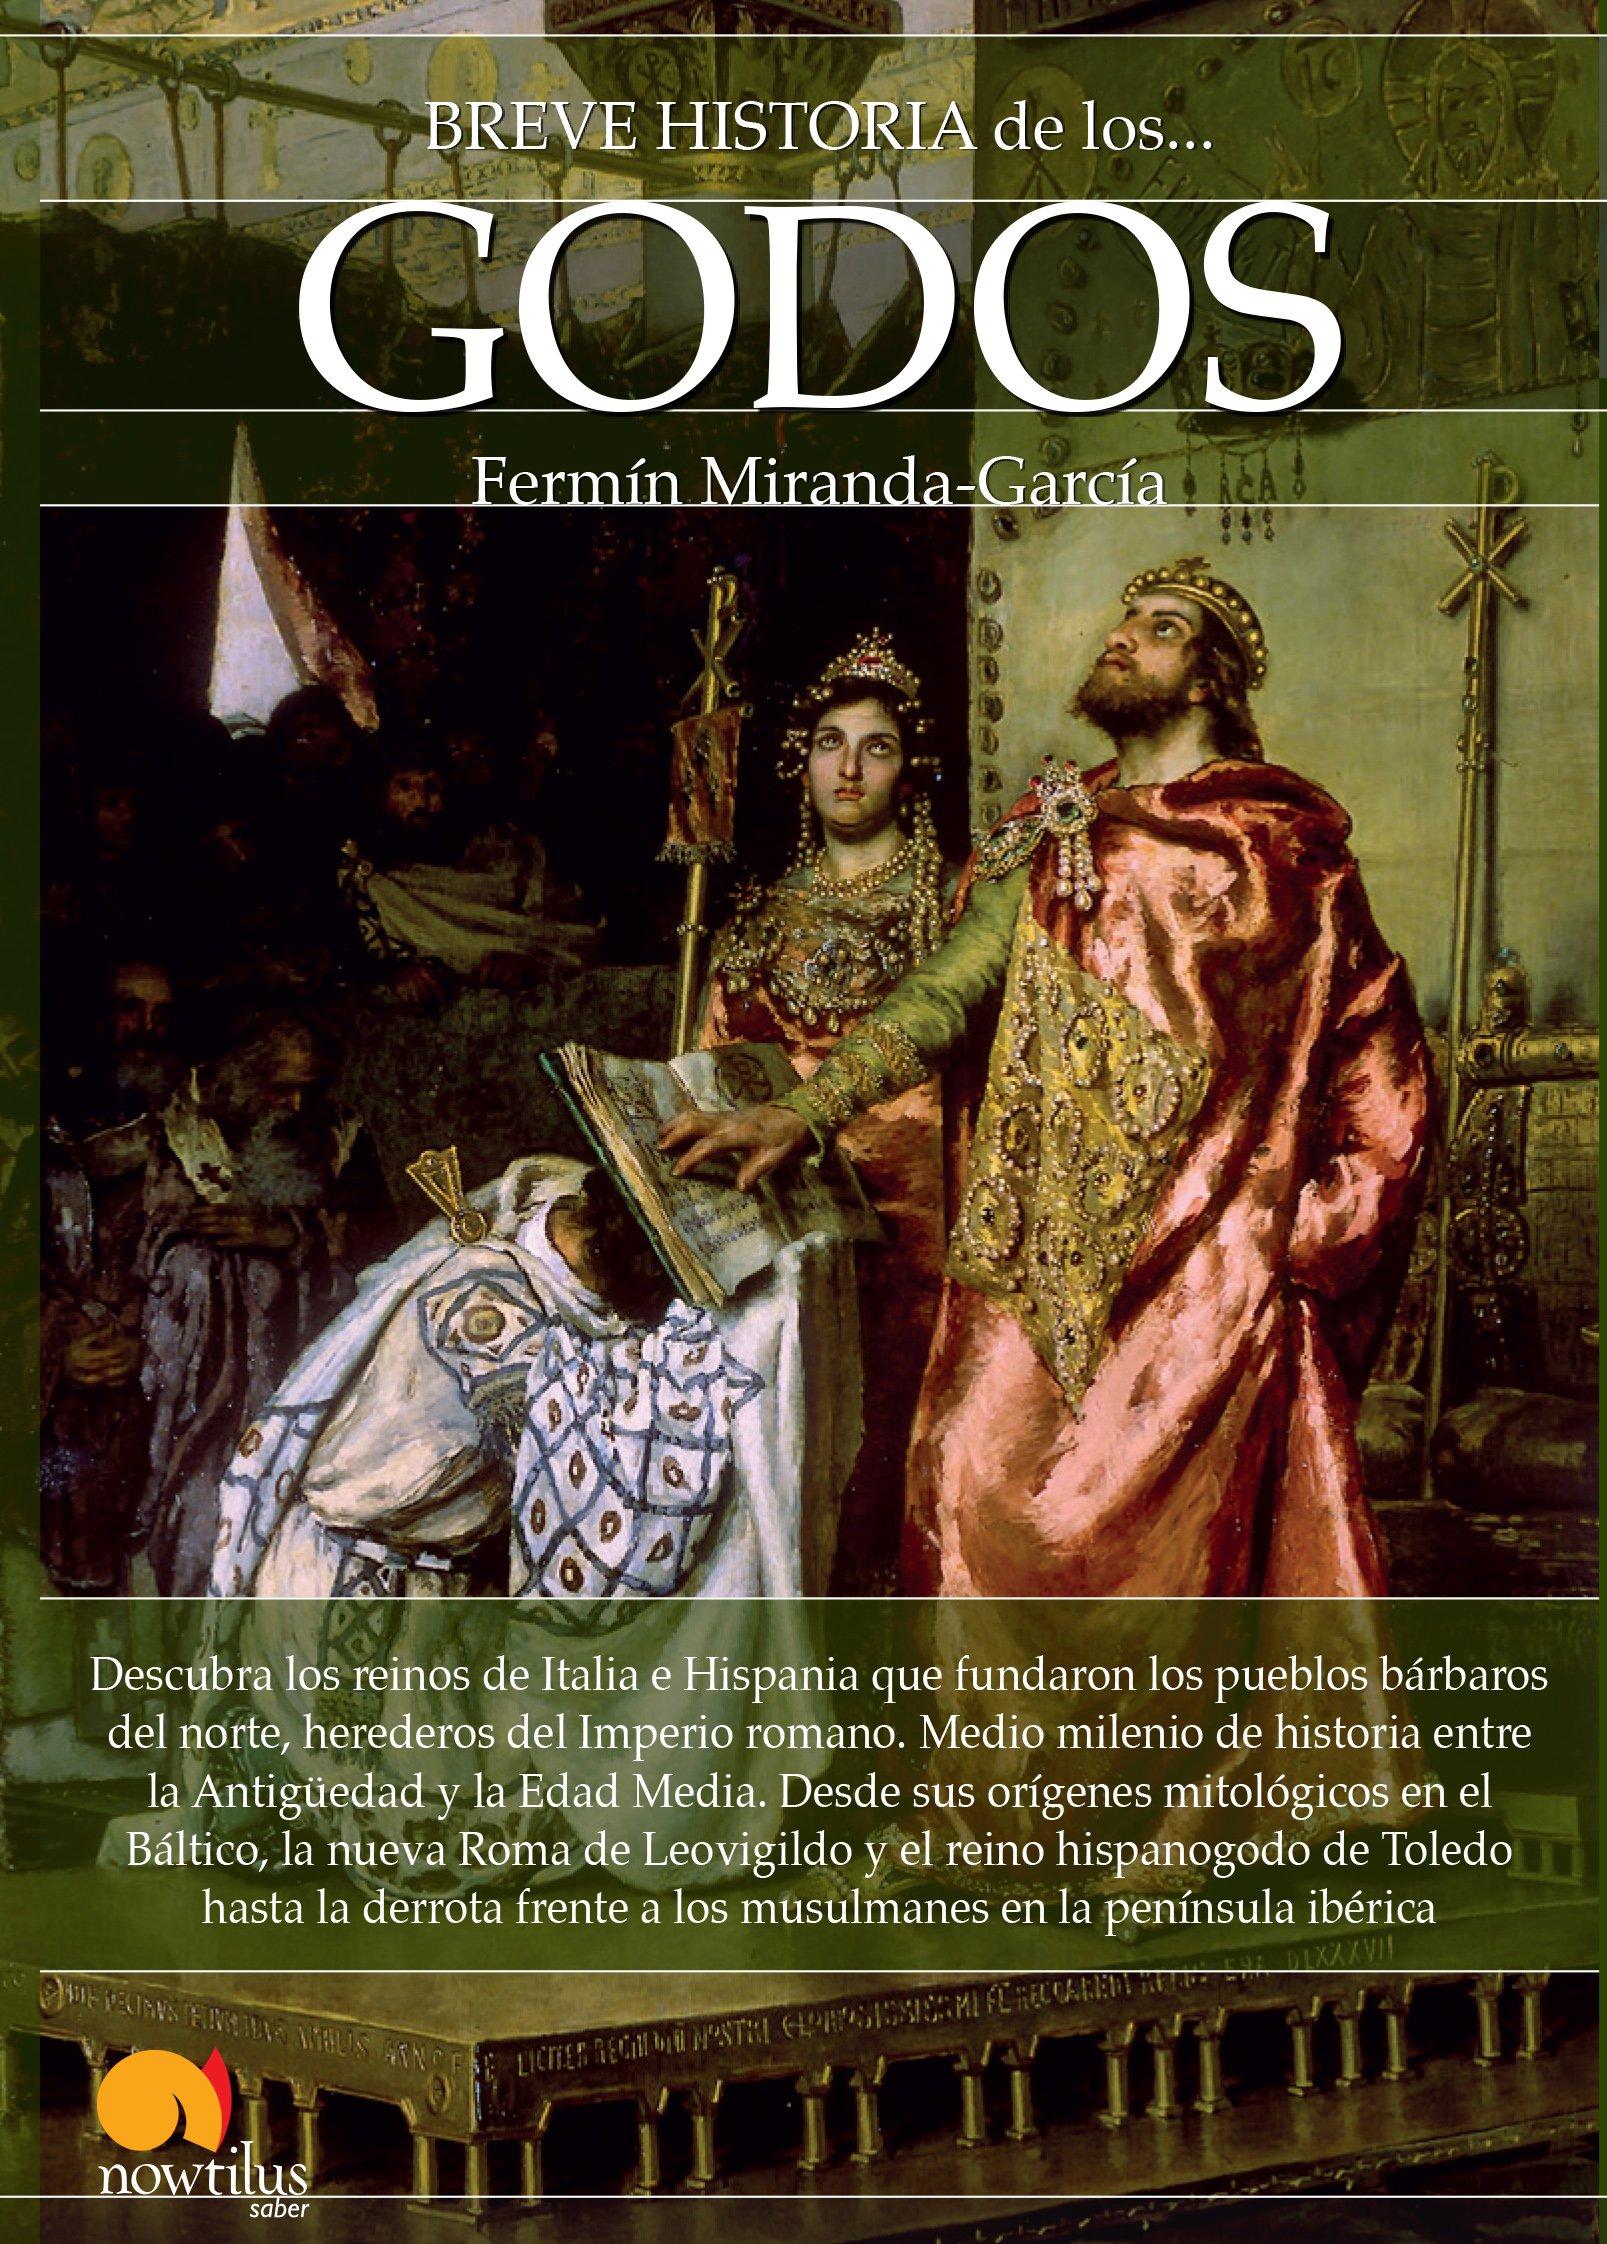 Breve historia de los godos Tapa blanda – 15 sep 2015 Fermín Miranda Nowtilus 8499677363 Ancient history: to c 500 CE